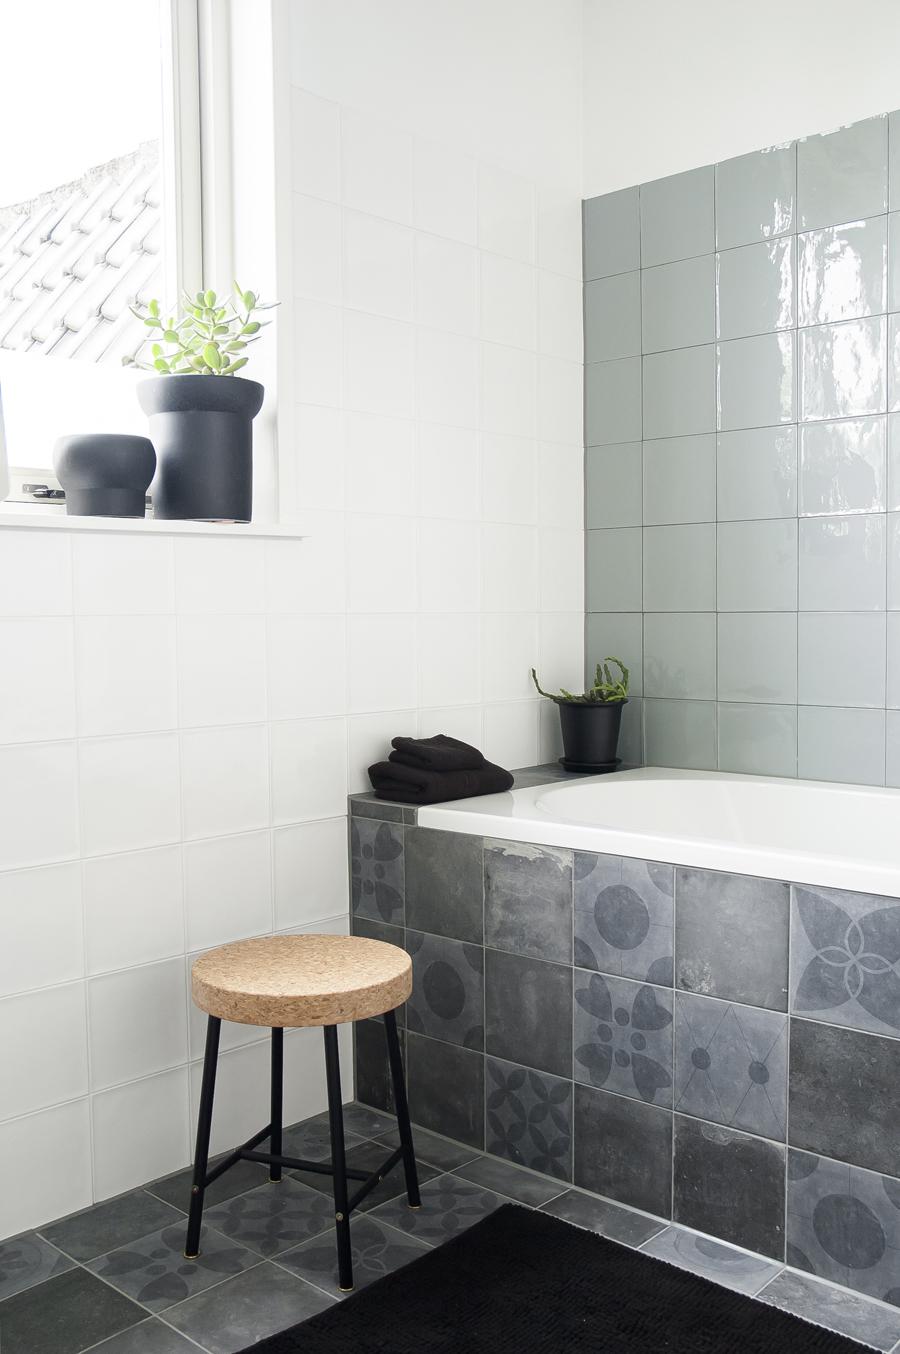 IKEA-bathroom-styling-aprilandmay-6